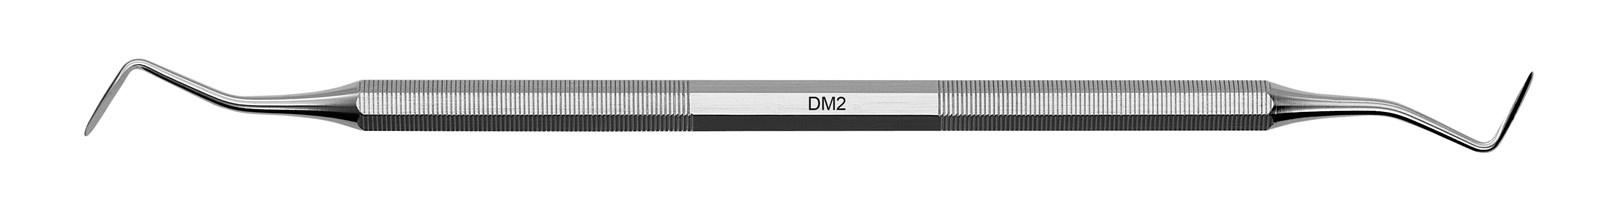 Lžičkové dlátko - DM2, ADEP světle modrý